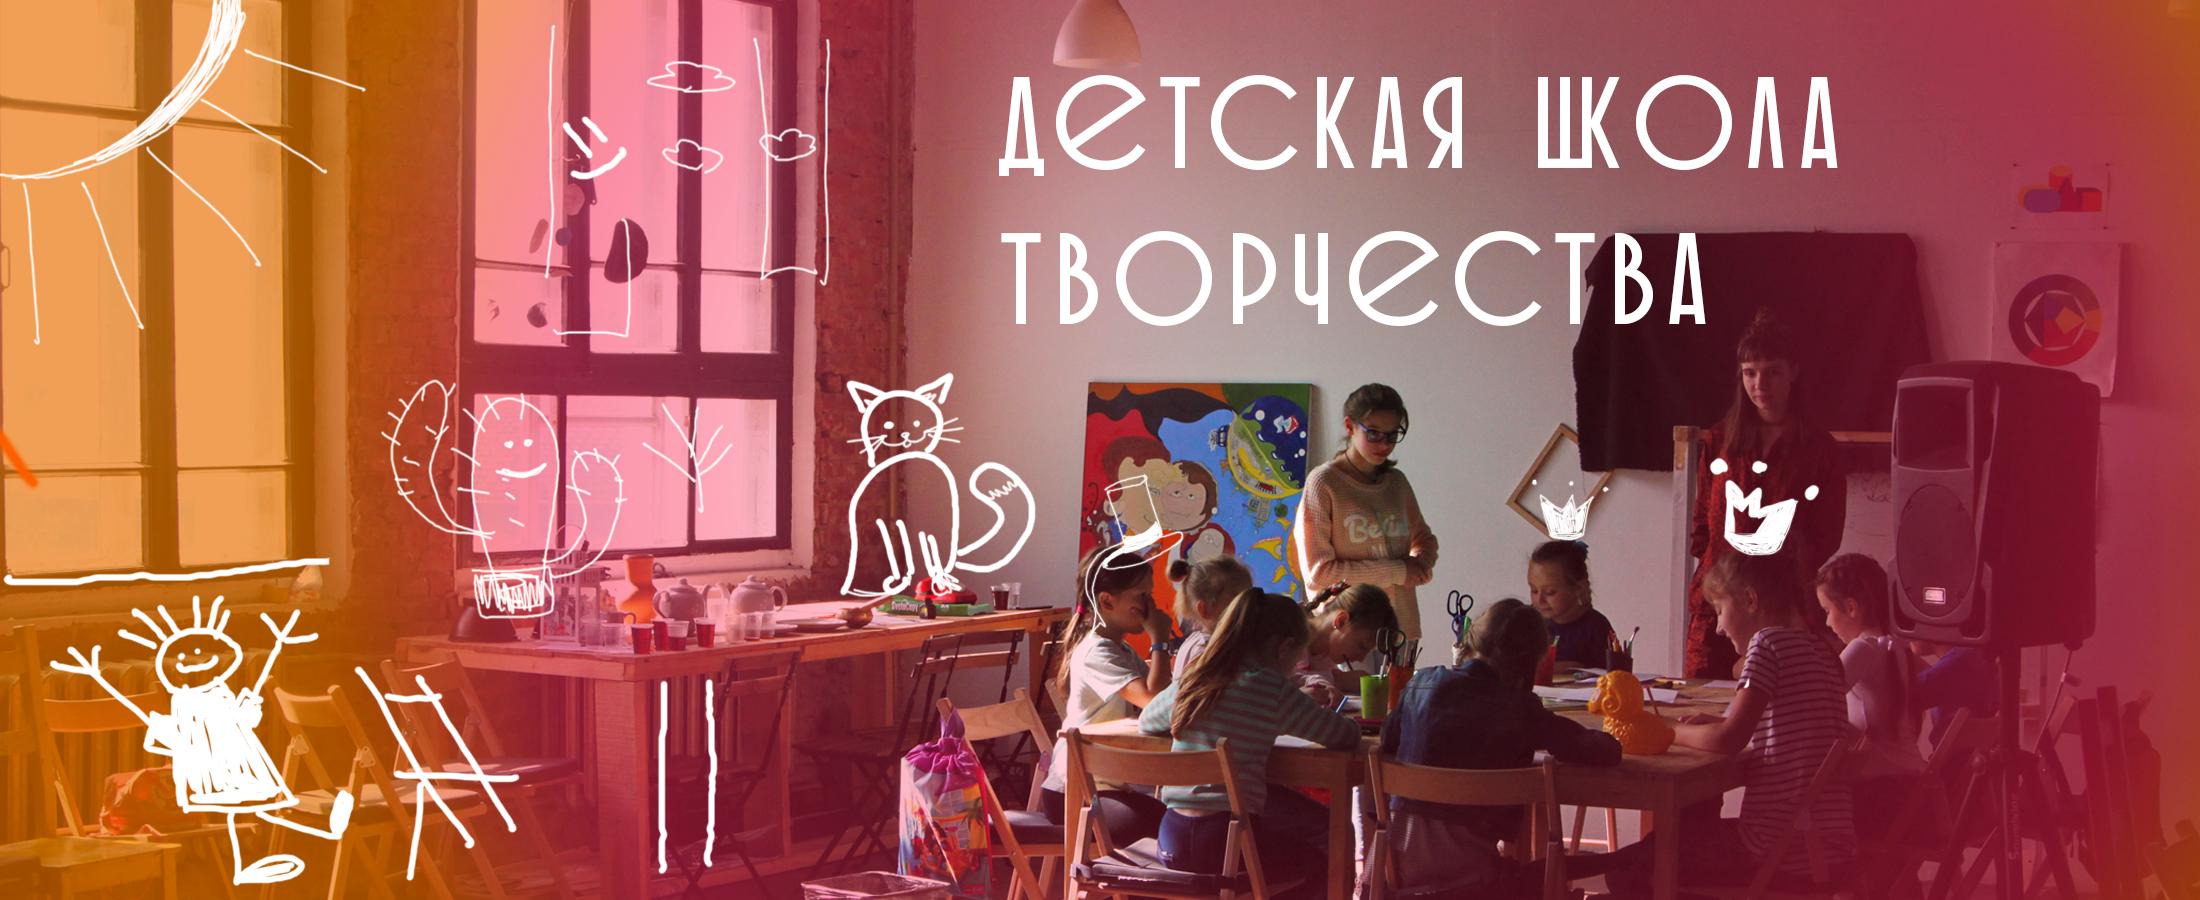 Школа творчества